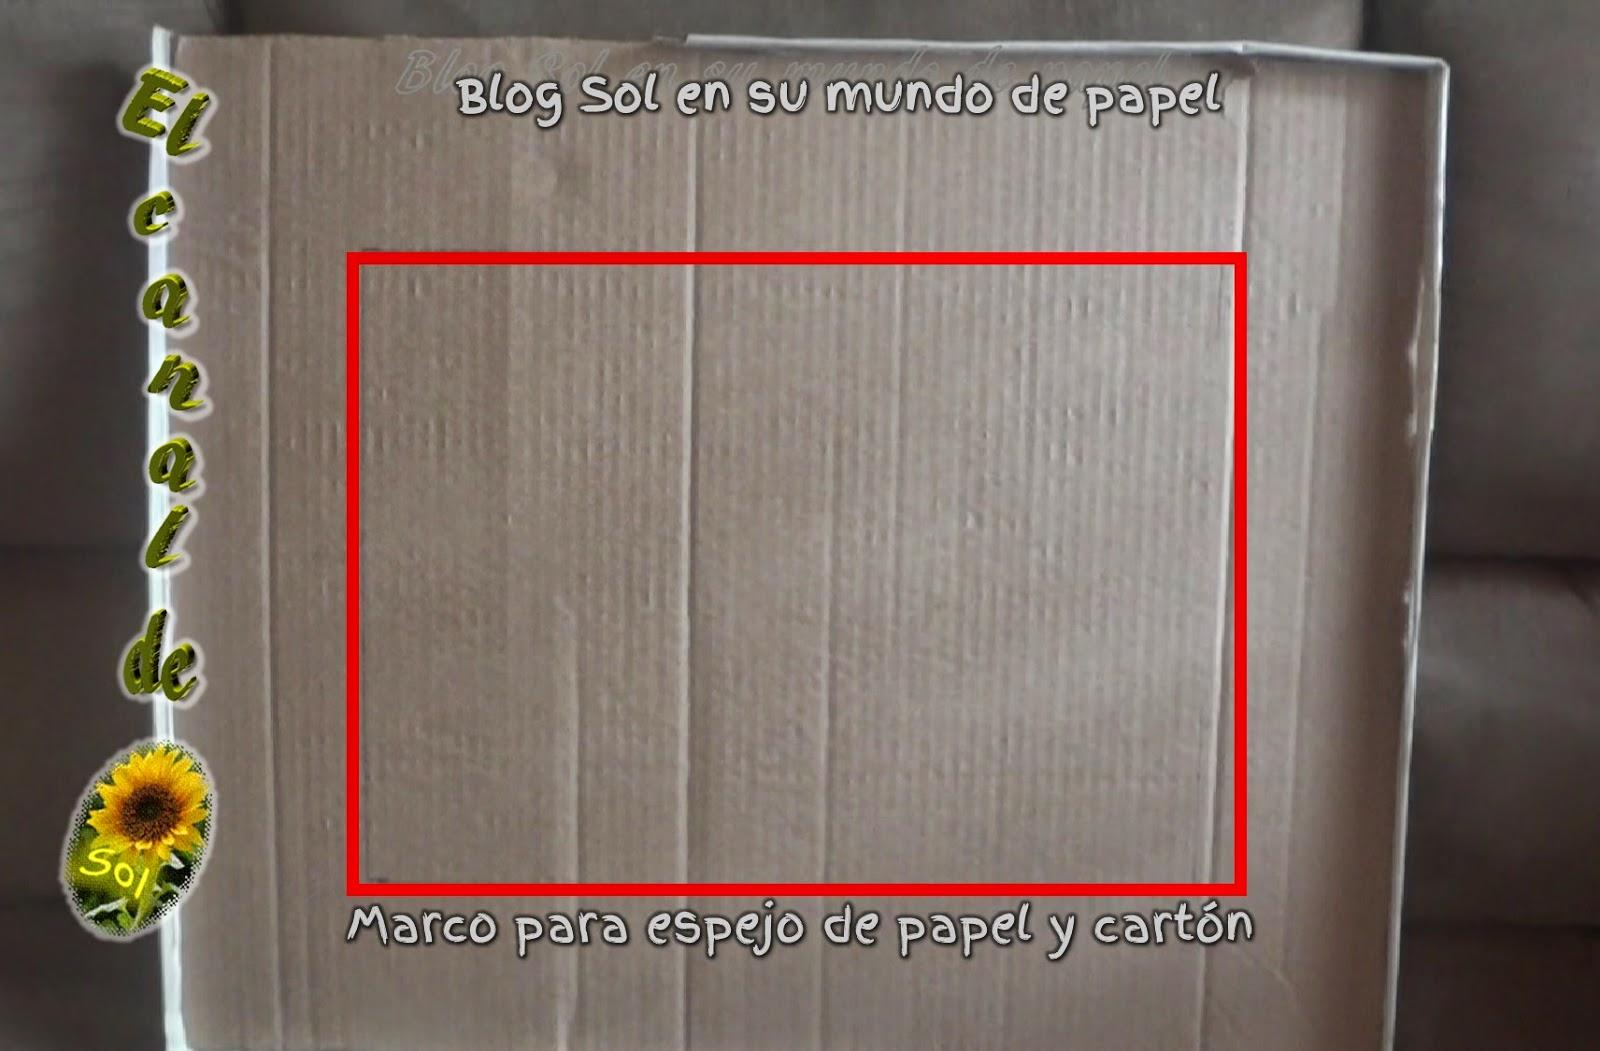 Marco para espejo de papel y cart n for Como hacer un espejo con marco de madera